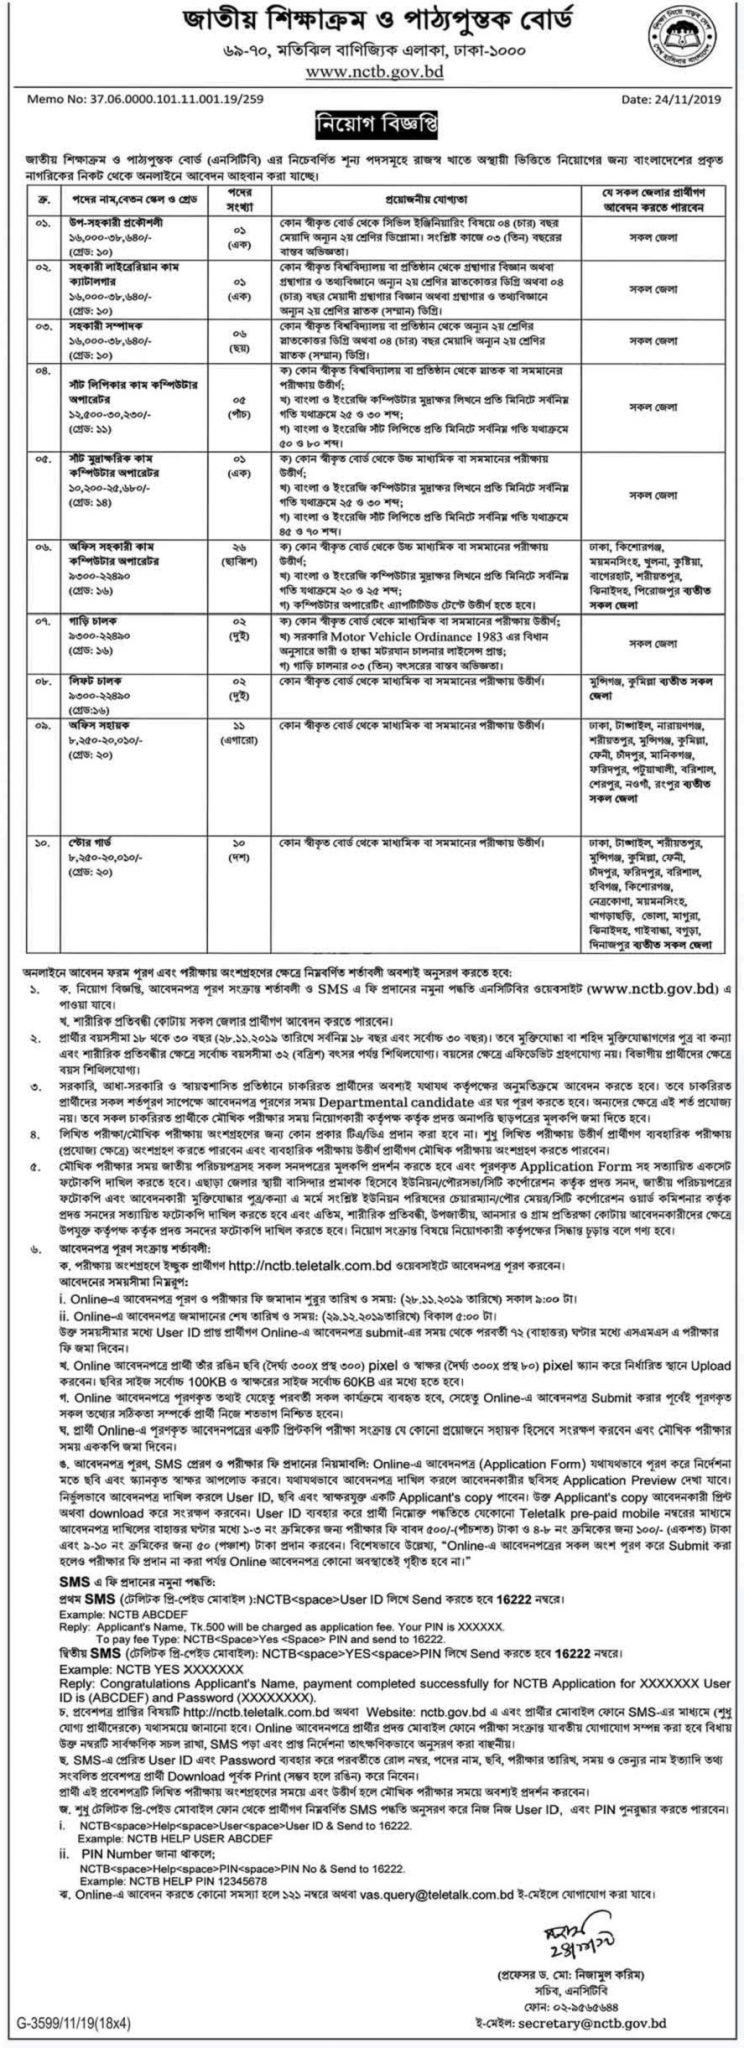 National Curriculum and Textbook Board (NCTB) Job Circular 2019